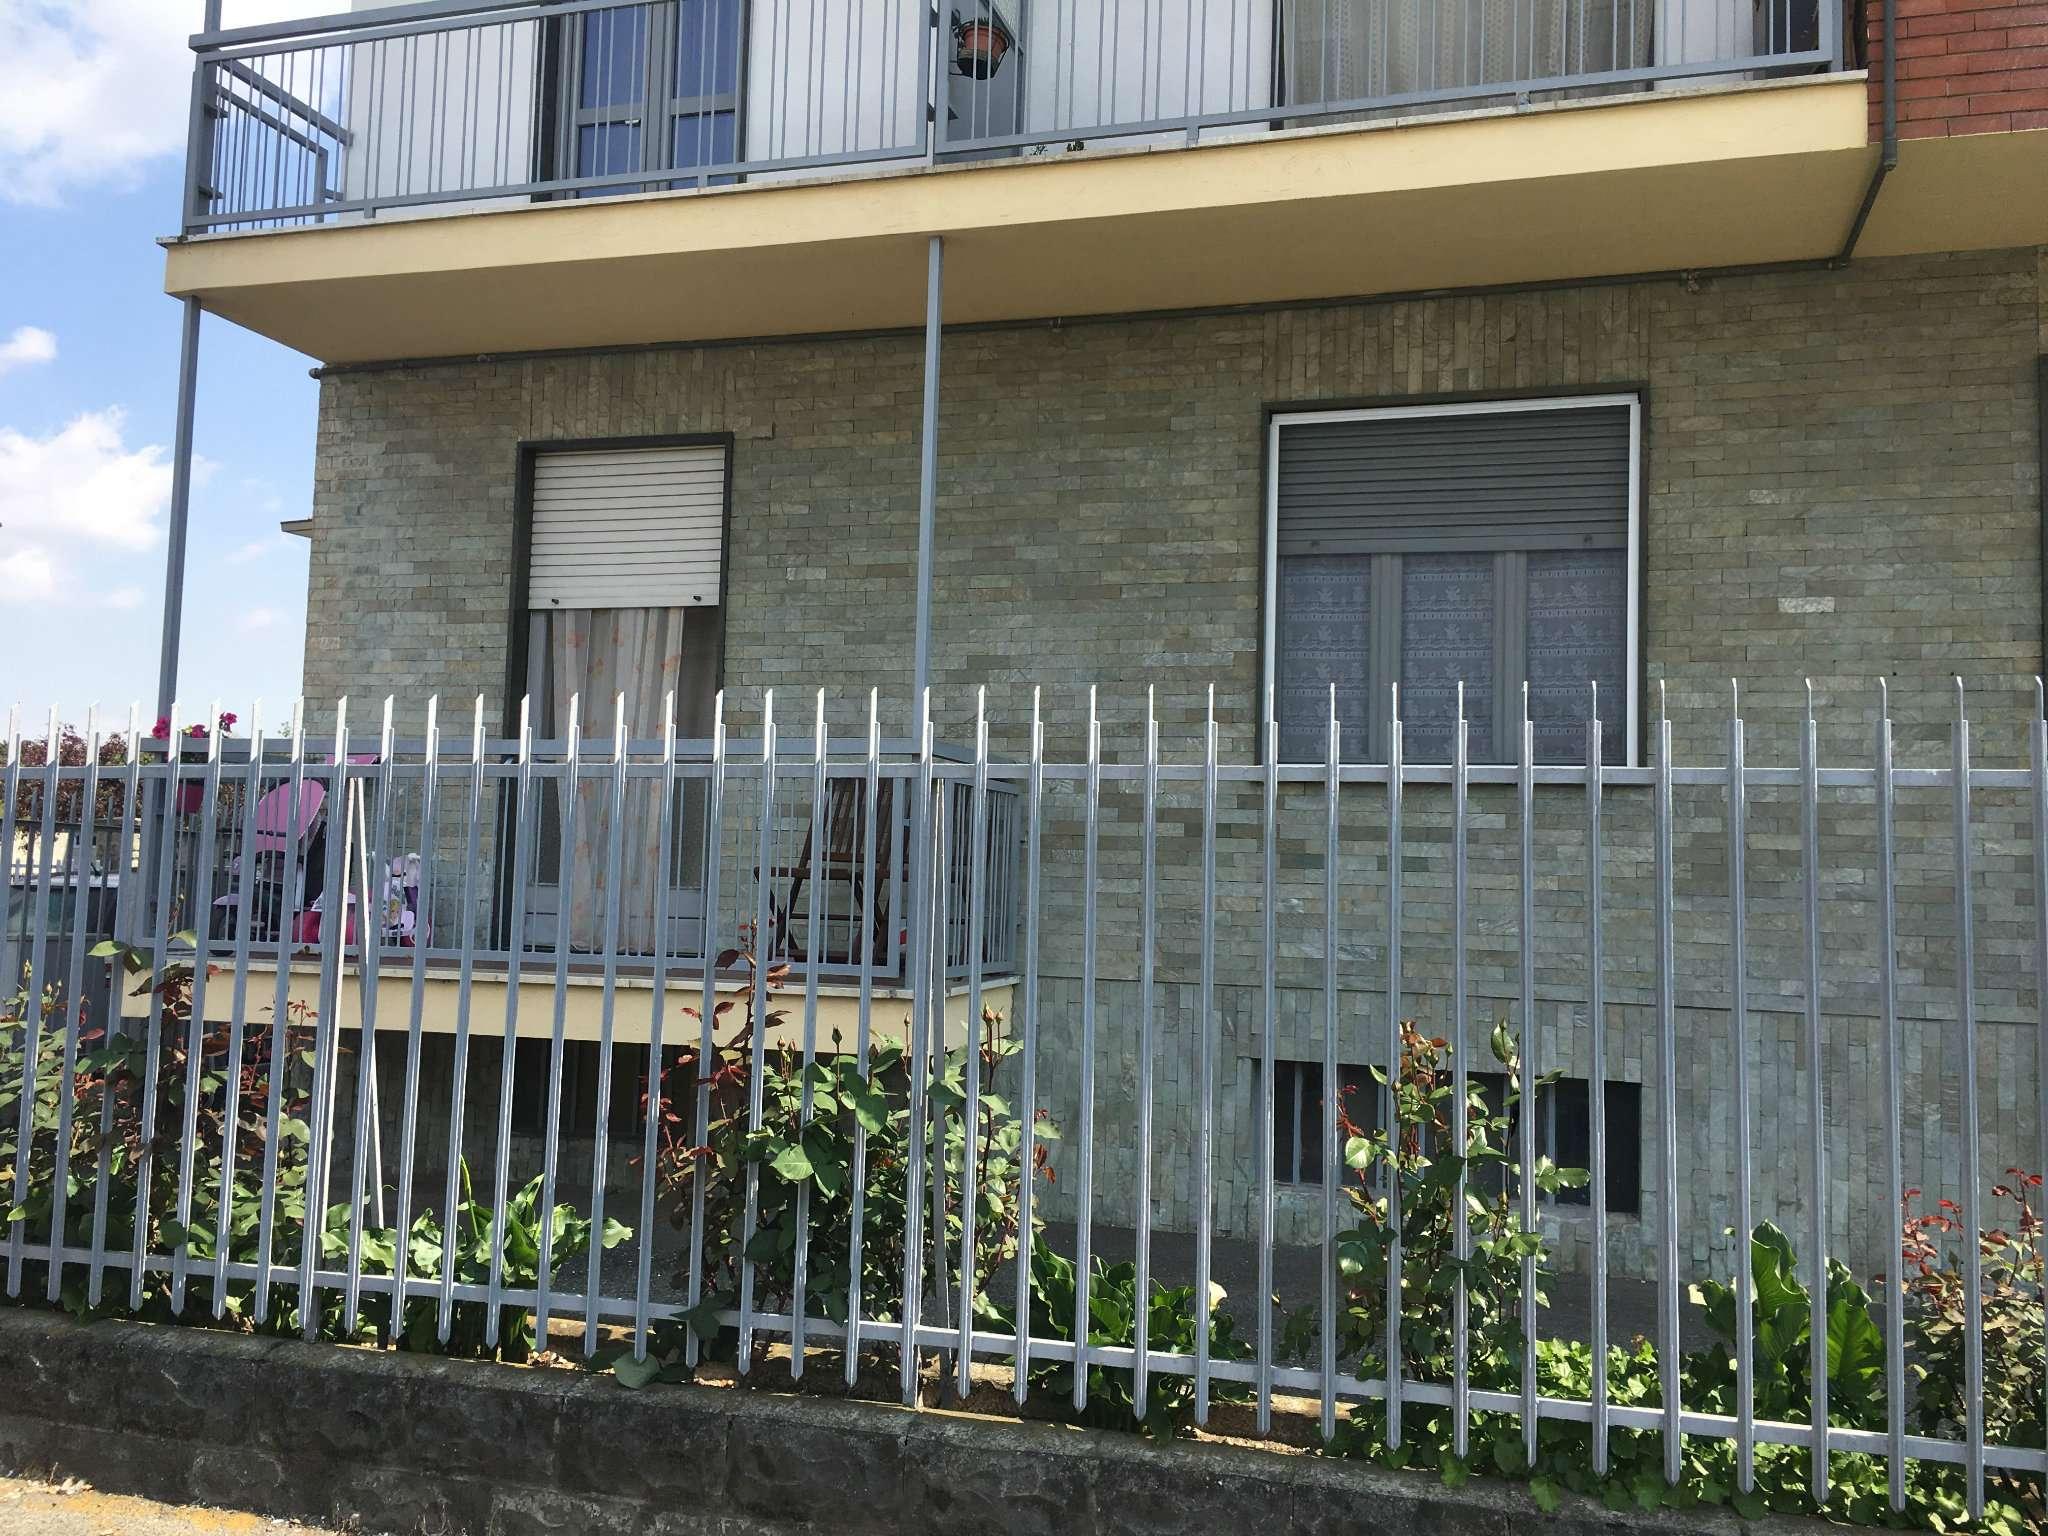 Appartamento in vendita a Piobesi Torinese, 4 locali, prezzo € 115.000 | CambioCasa.it